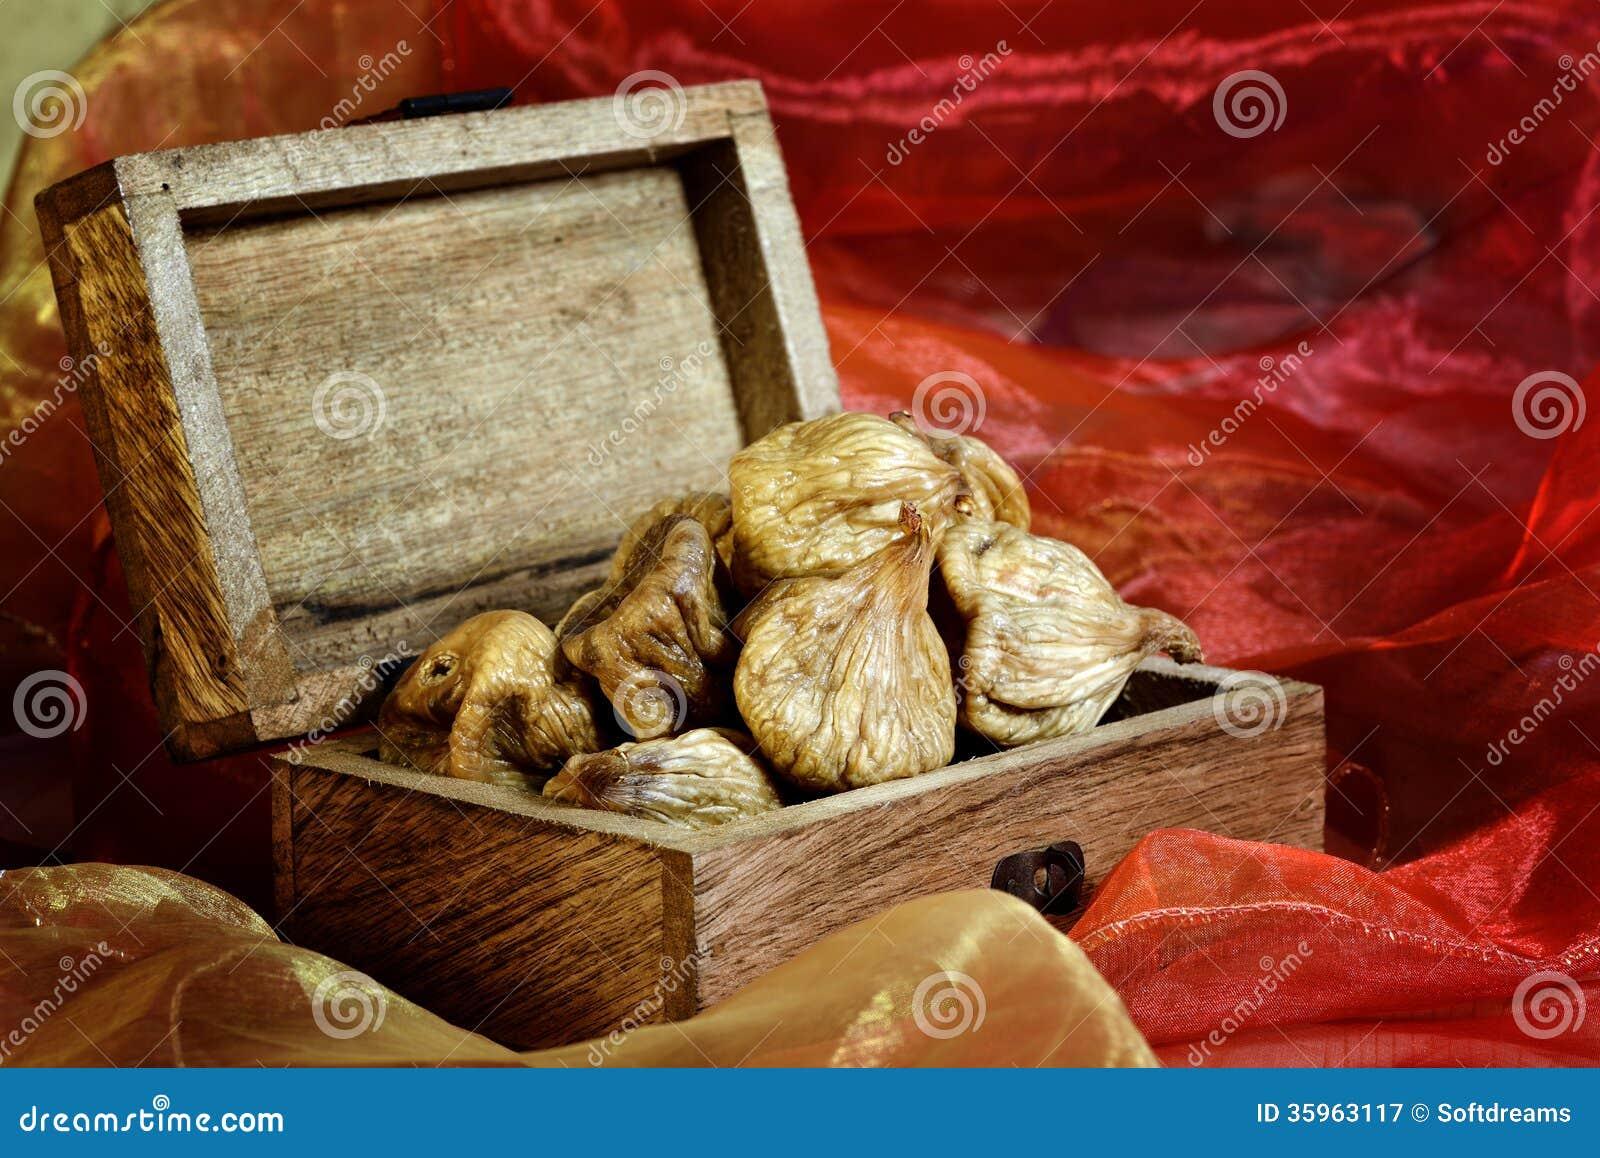 Higos secados en caja